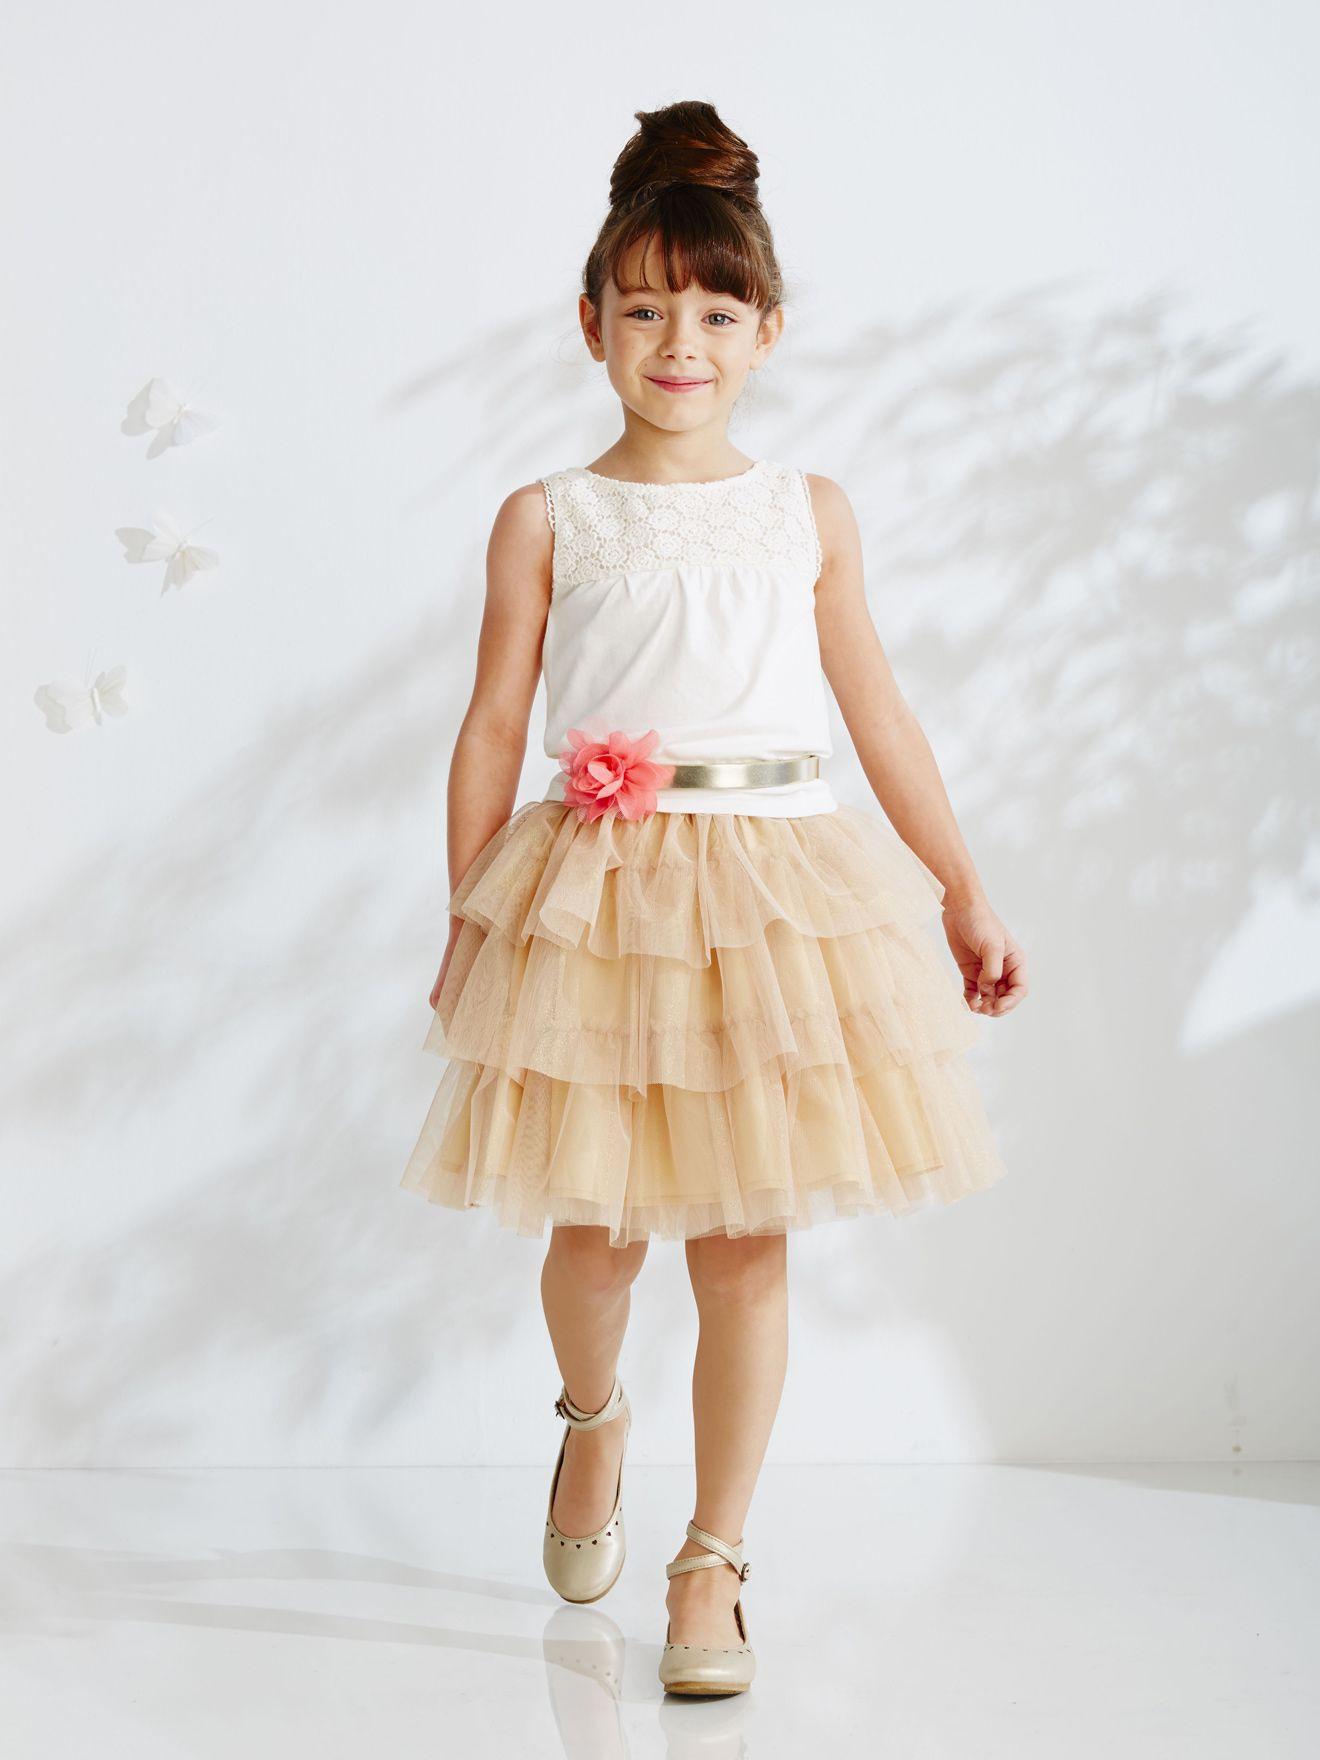 festliche kleider hochzeit mädchen - abendkleid